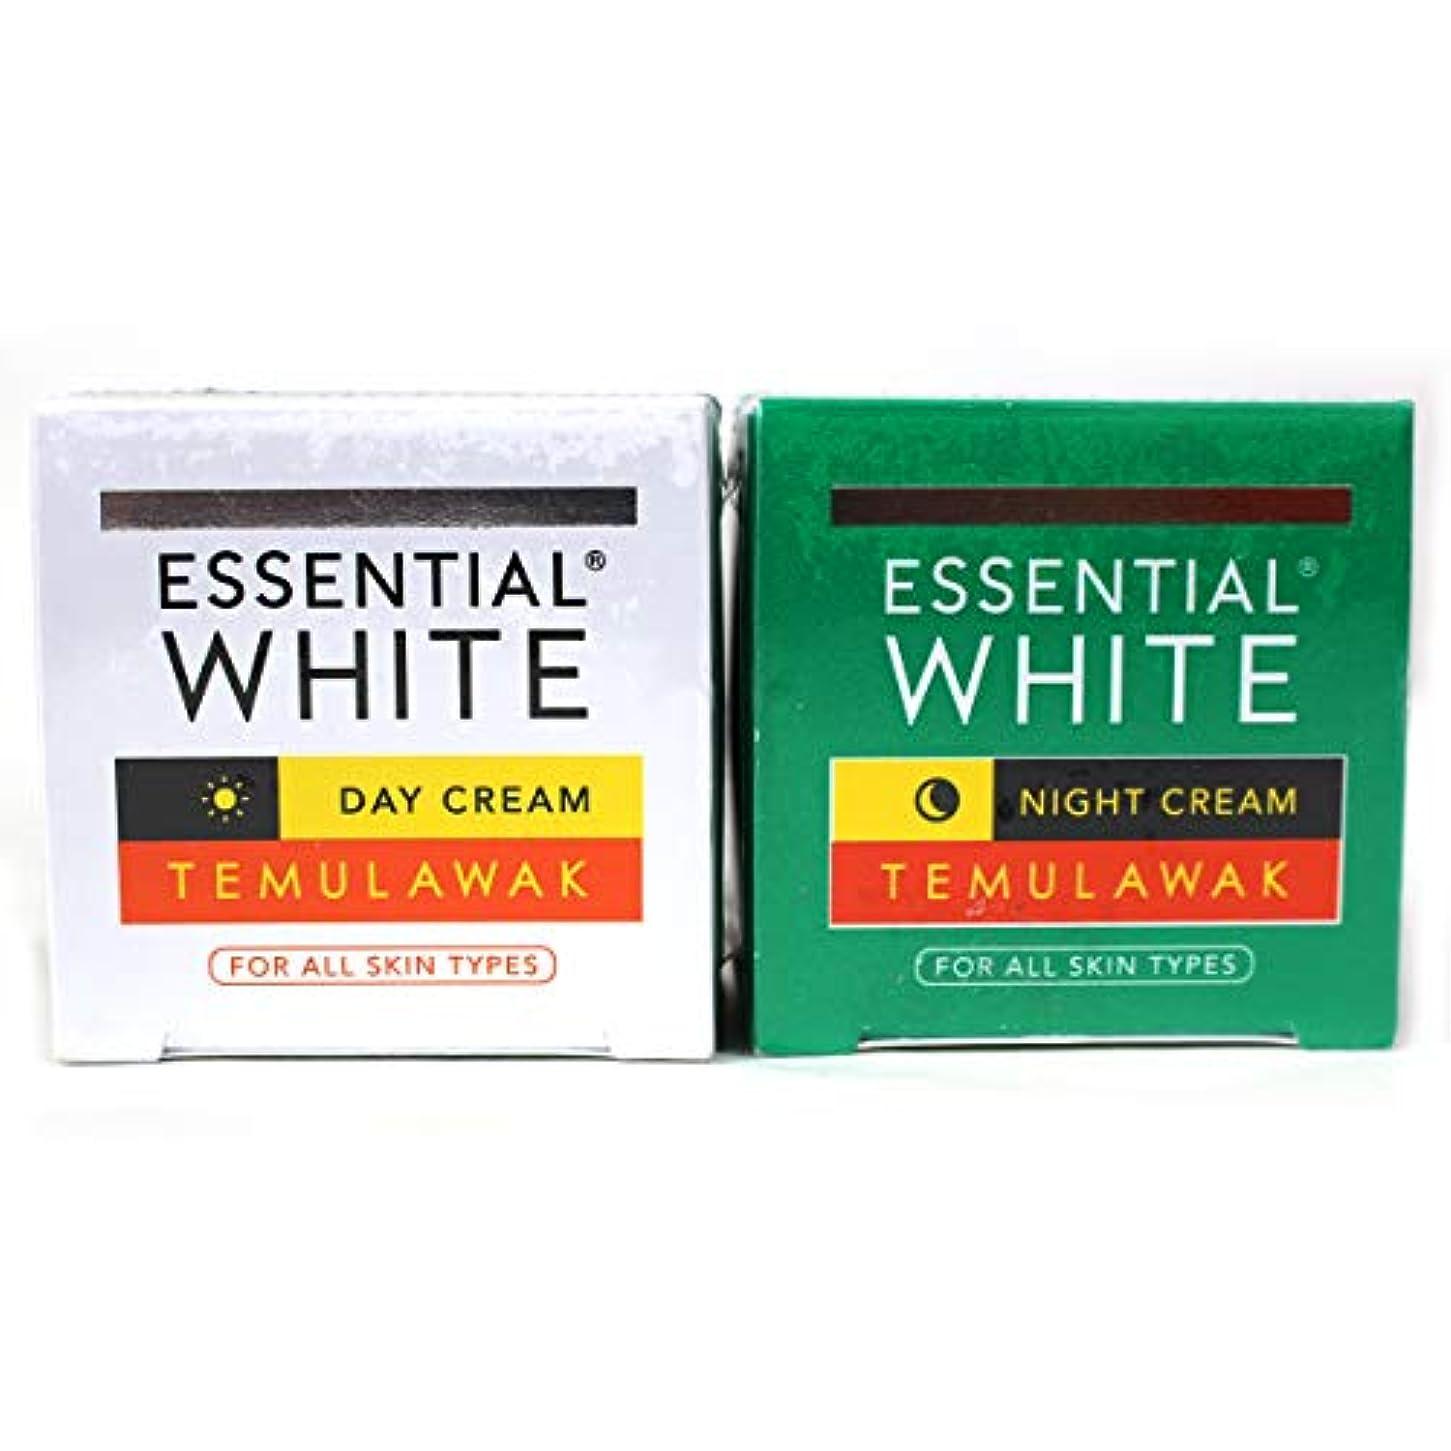 エイリアス残酷体系的にギジ gizi Essential White フェイスクリーム ボトルタイプ 日中用&ナイト用セット 9g ×2個 テムラワク ウコン など天然成分配合 [海外直送品]